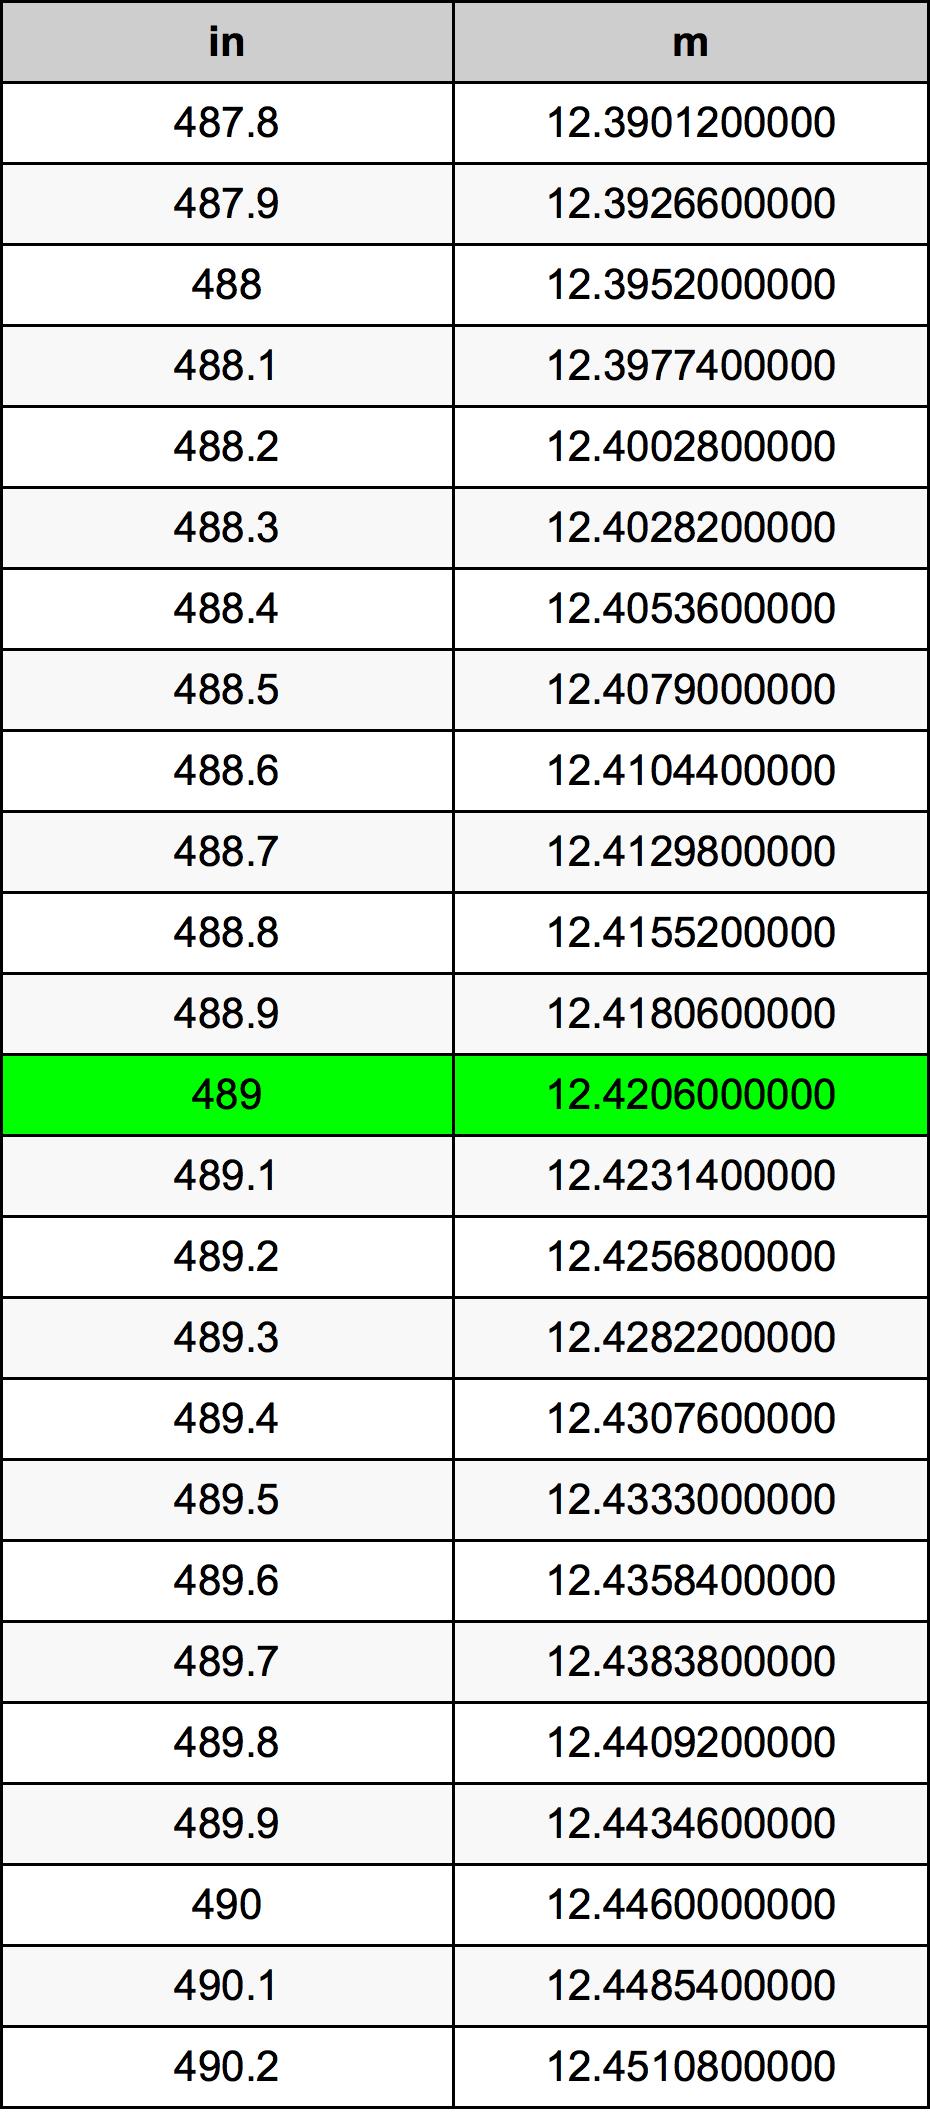 489 Țol tabelul de conversie